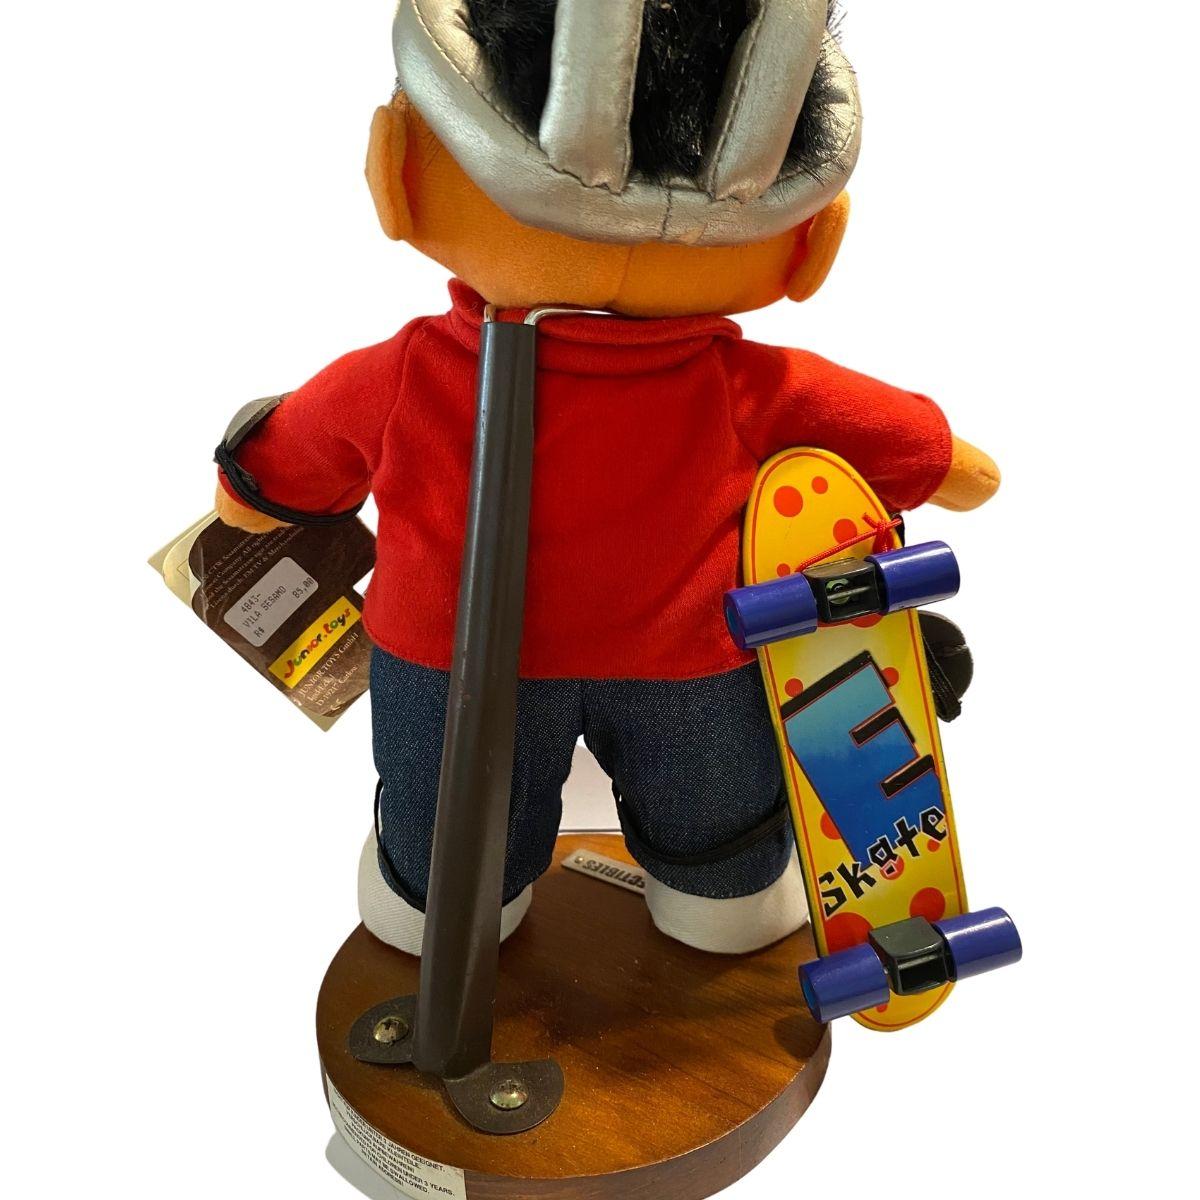 Boneco Enio Vila Sesamo Skatista Colecionável  - Game Land Brinquedos